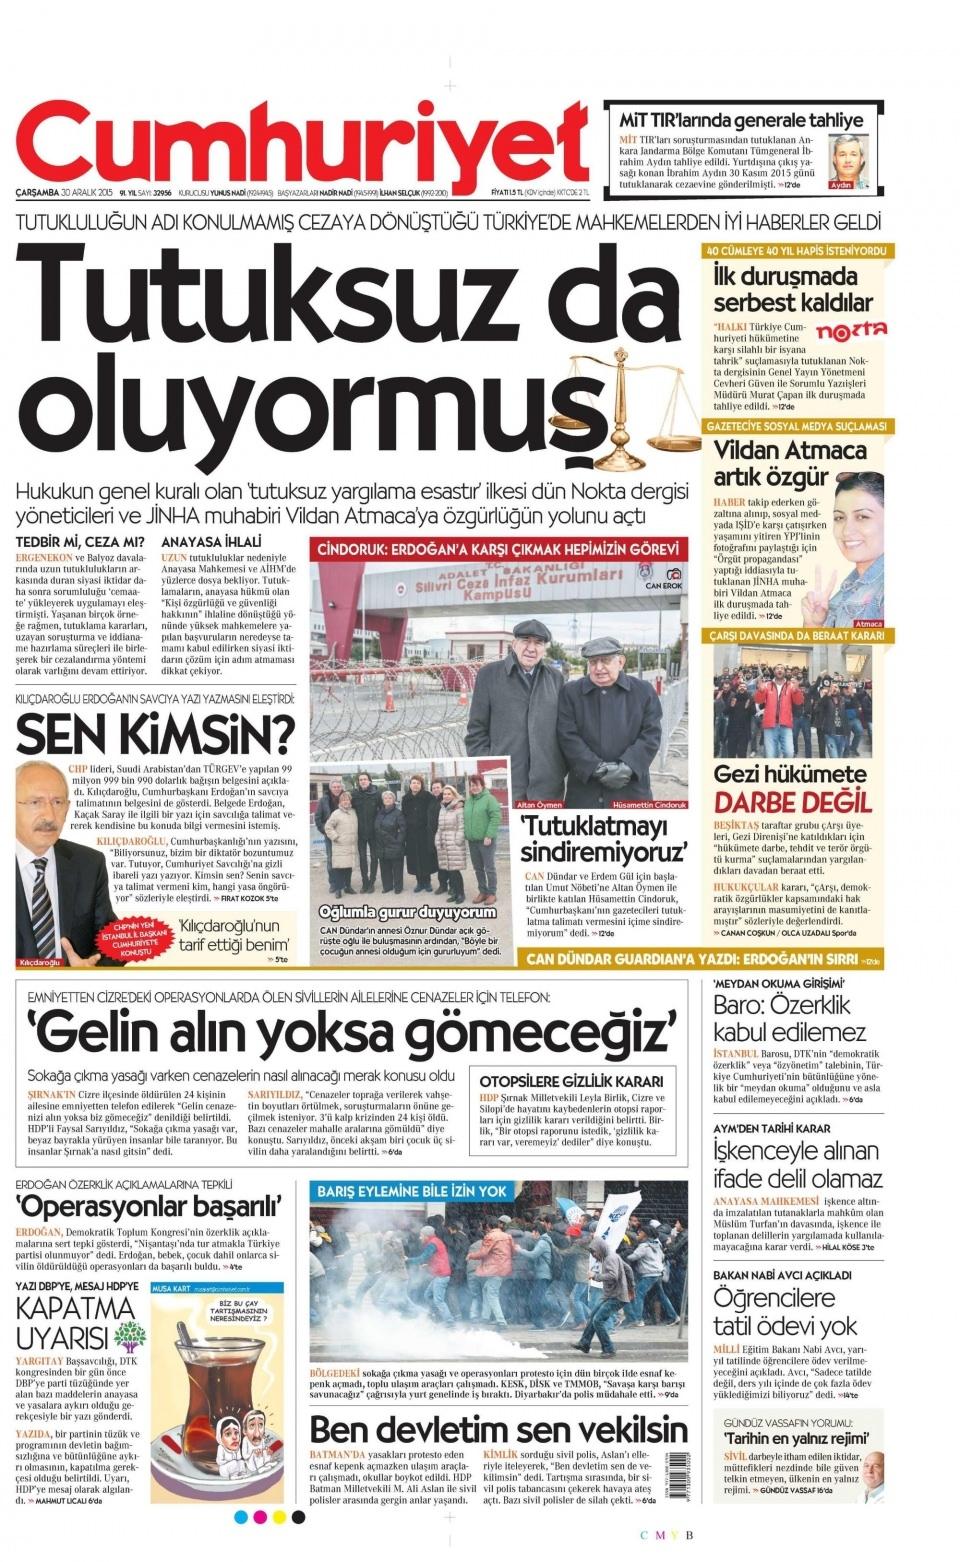 30 Aralık 2015 gazete manşetleri 6